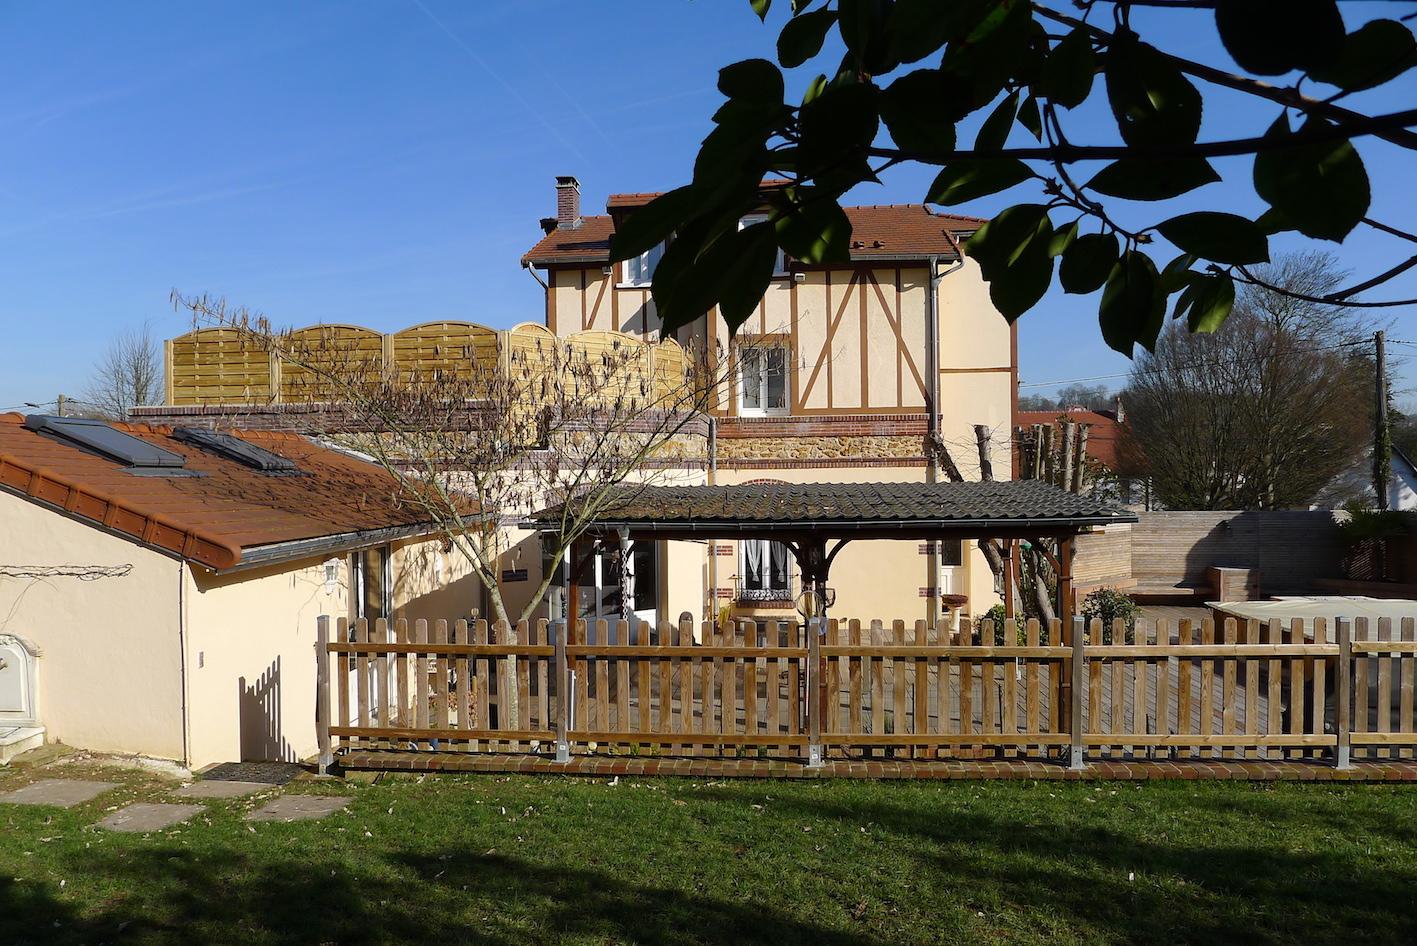 Bailly Romainvilliers-Maison Familiale 1900 Rénovée Avec ... concernant Piscine Bailly Romainvillier